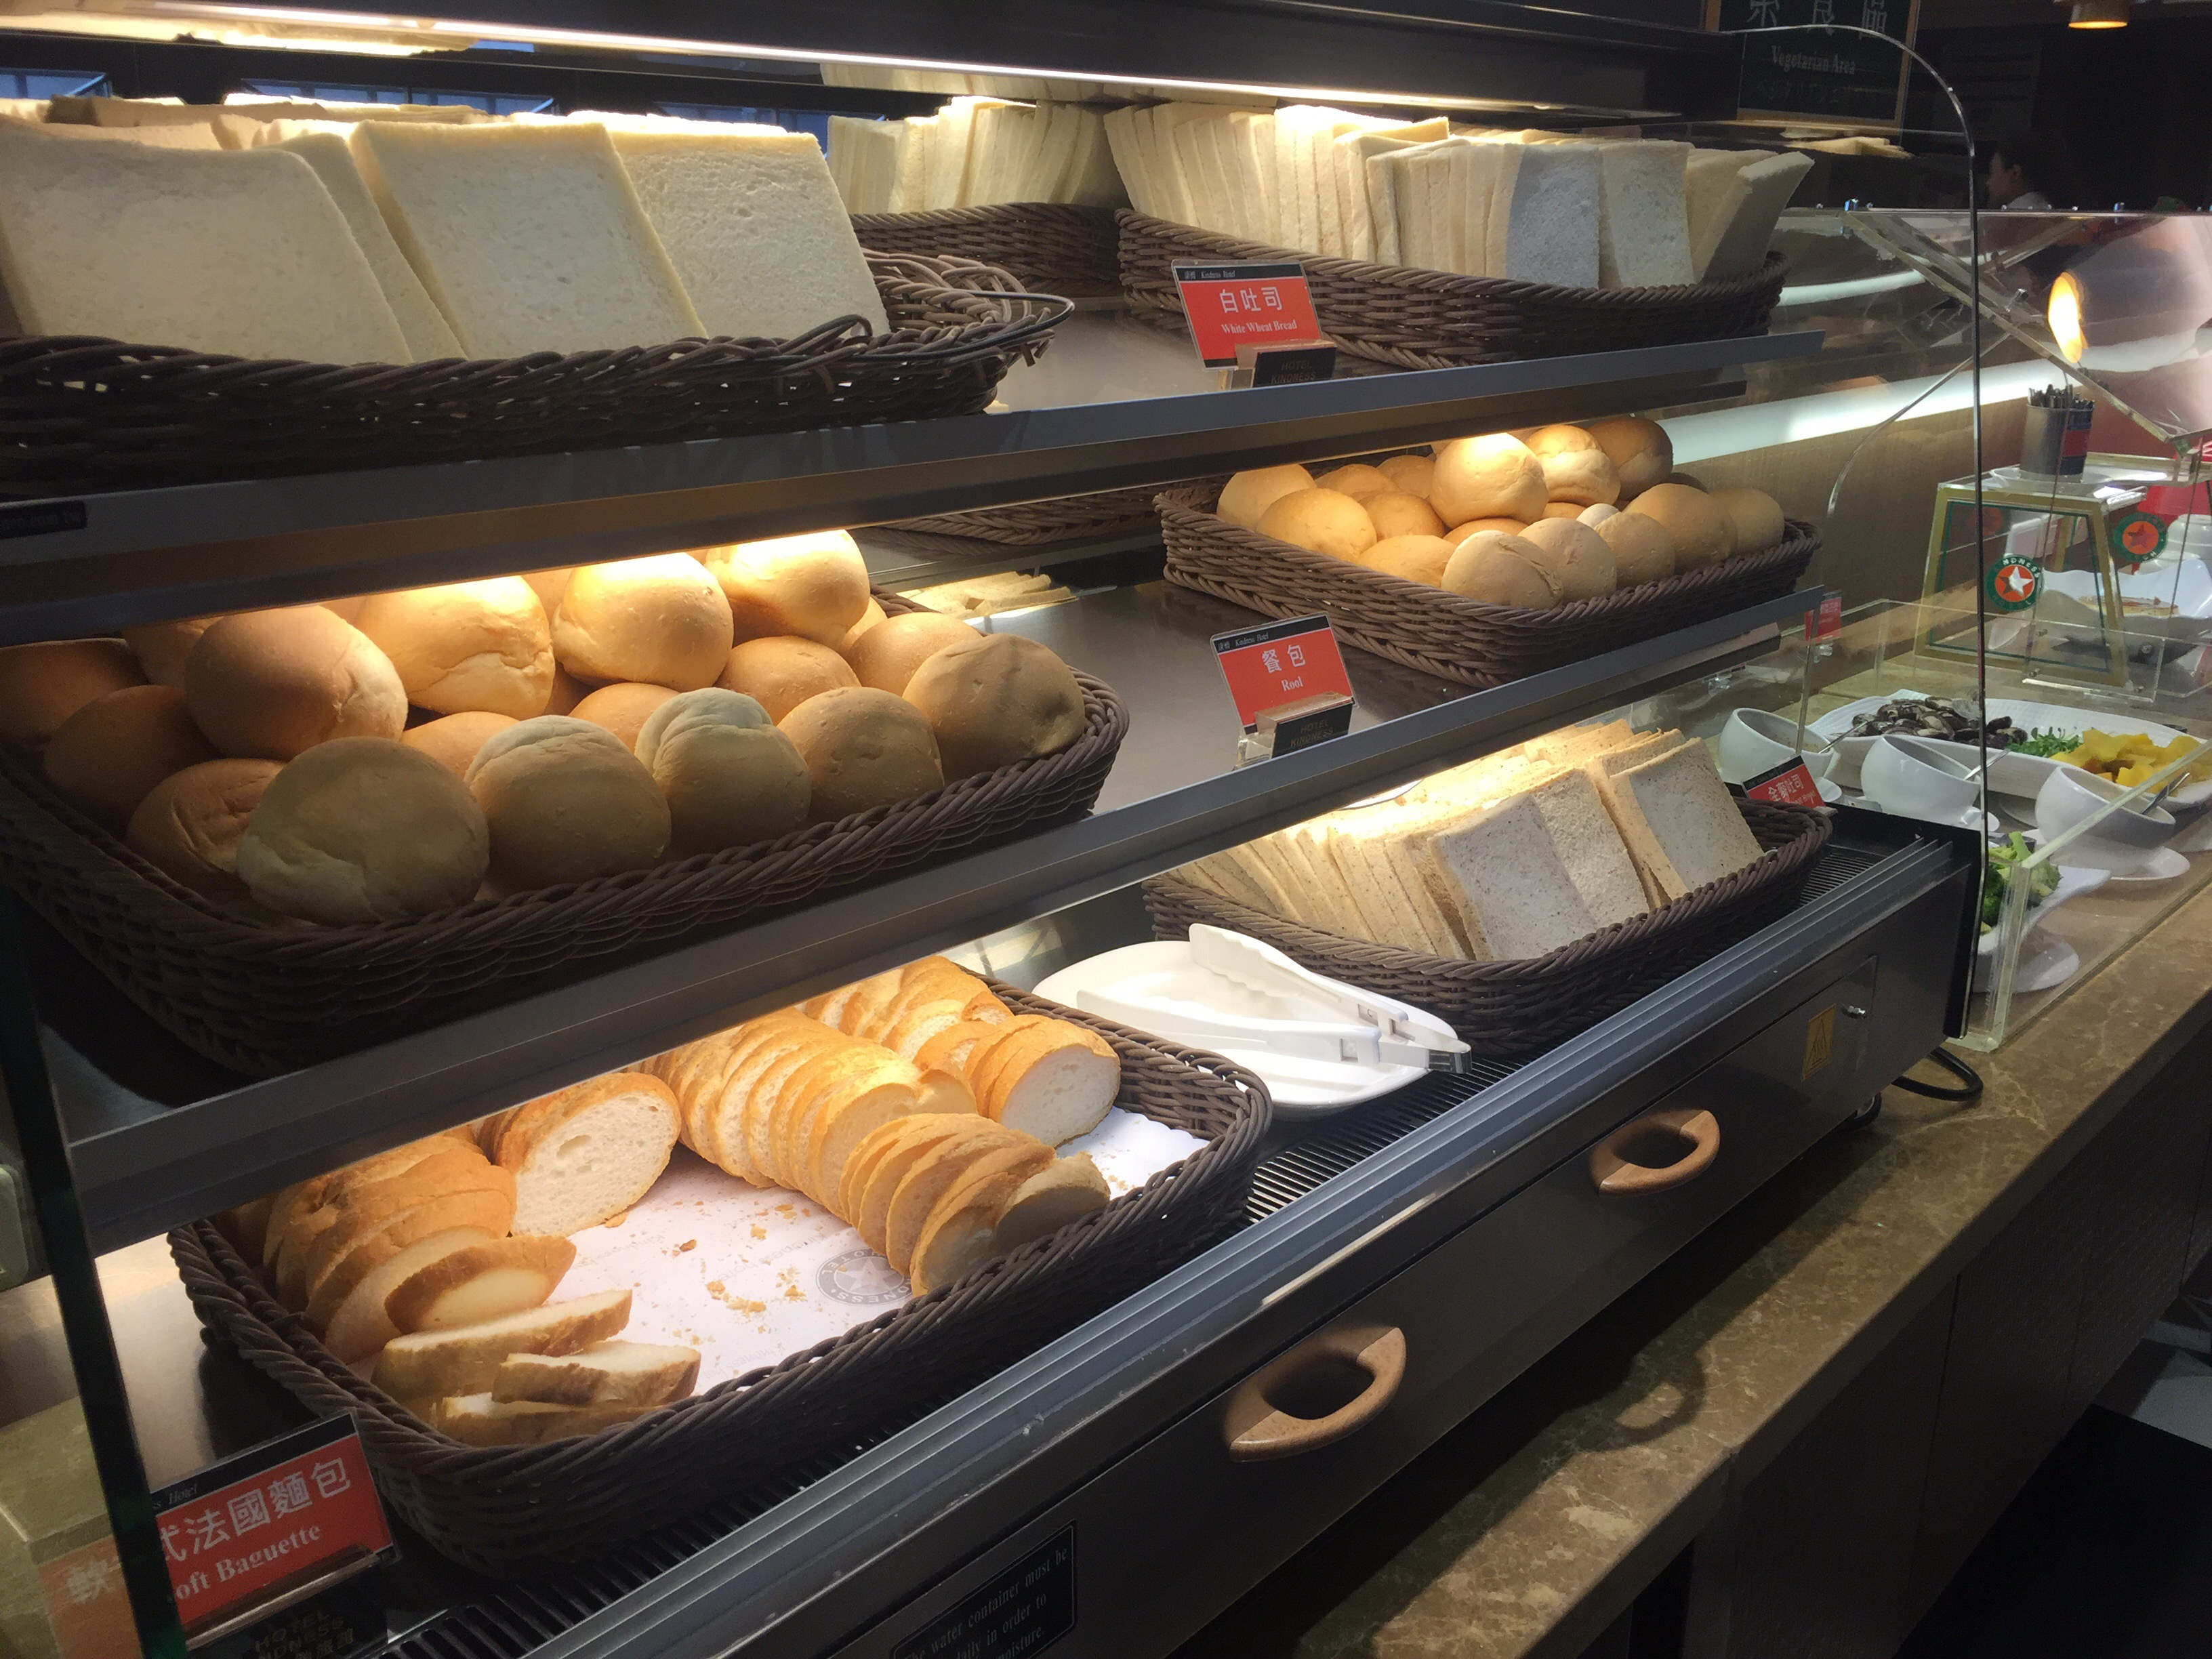 パンも沢山ありました!トースターがあるので温めもできます